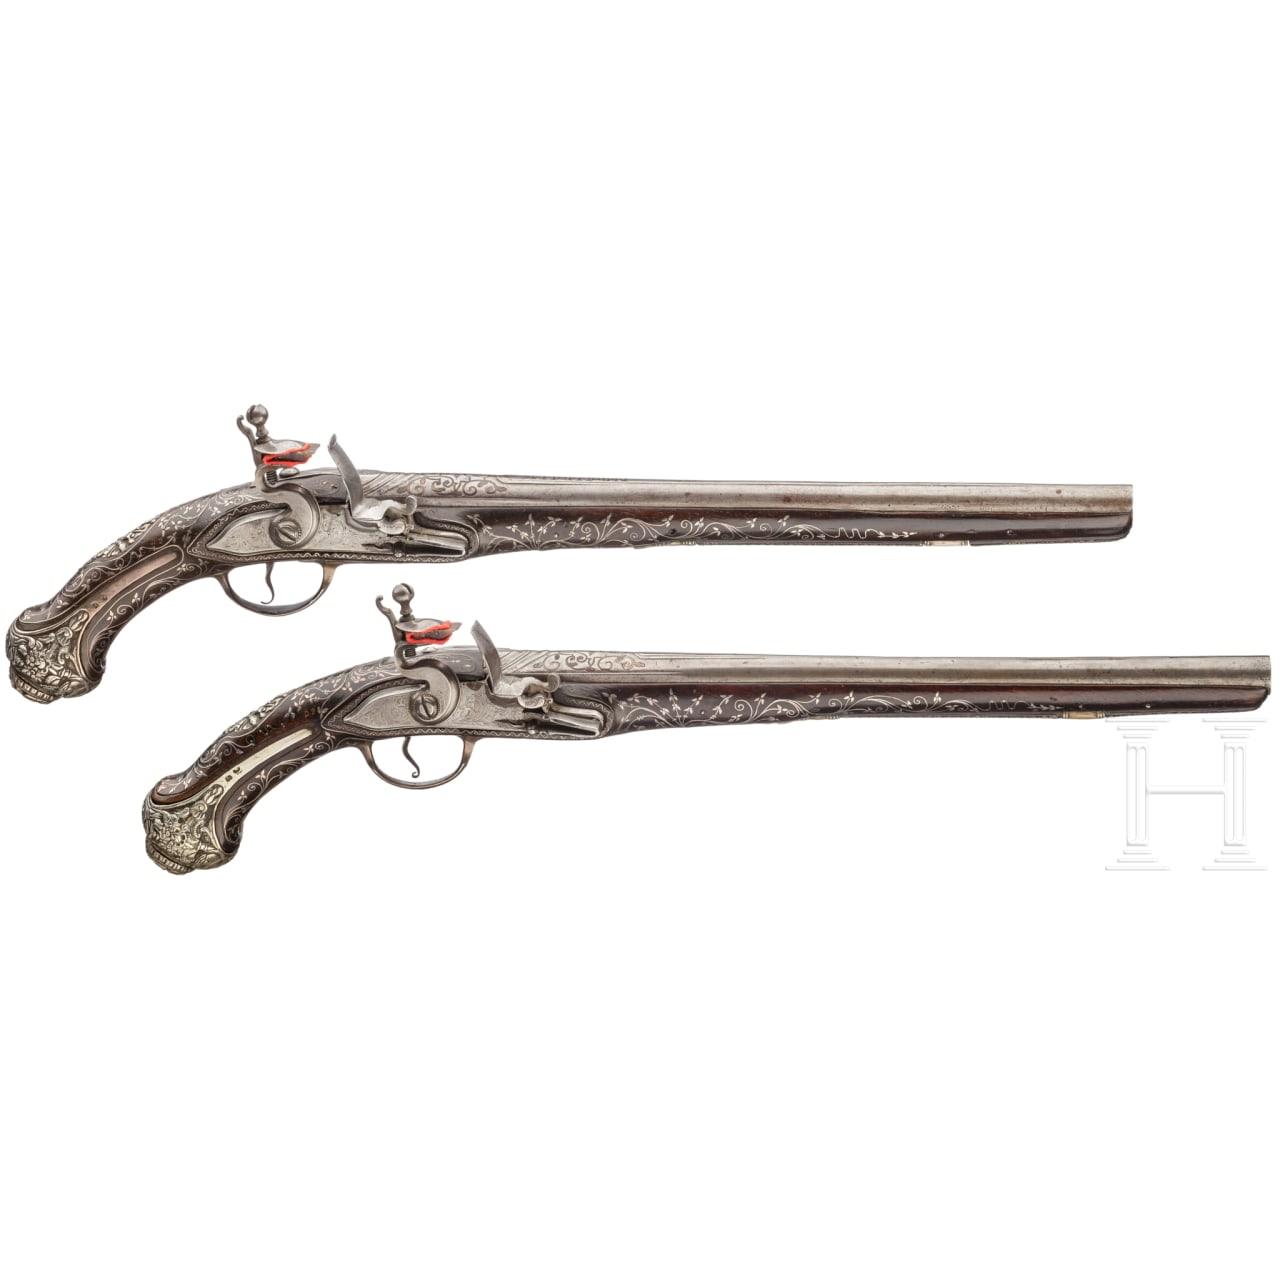 Ein Paar silbermontierte Steinschloss-Orientpistolen, osmanisch, um 1820/30